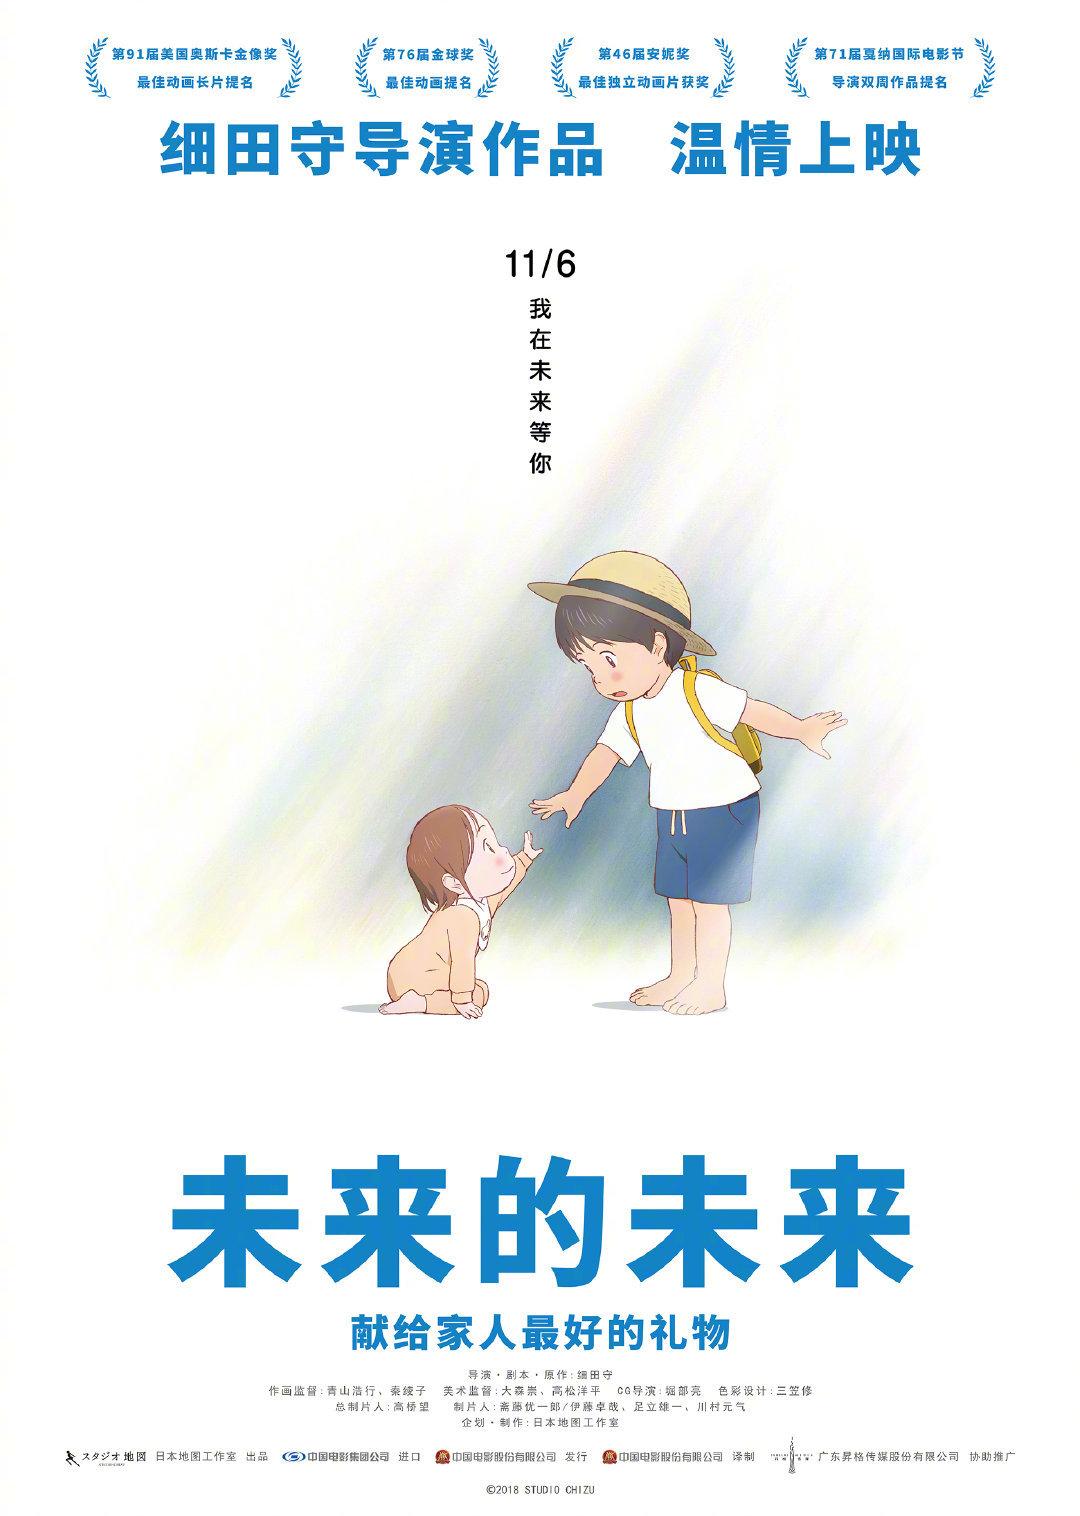 """未来的未来  《未来的未来》是由细田守执导、studio地图负责制作的动画电影,上白石萌歌、黑木华、星野源、麻生久美子等担任配音,于2018年5月16日在法国戛纳电影节上映,2018年7月20日在日本上映[1]。  该片讲述了一个四岁男孩遇到来自未来的妹妹""""未来"""",经过充满魔幻色彩的冒险之旅,成长为一个真正的哥哥的故事"""